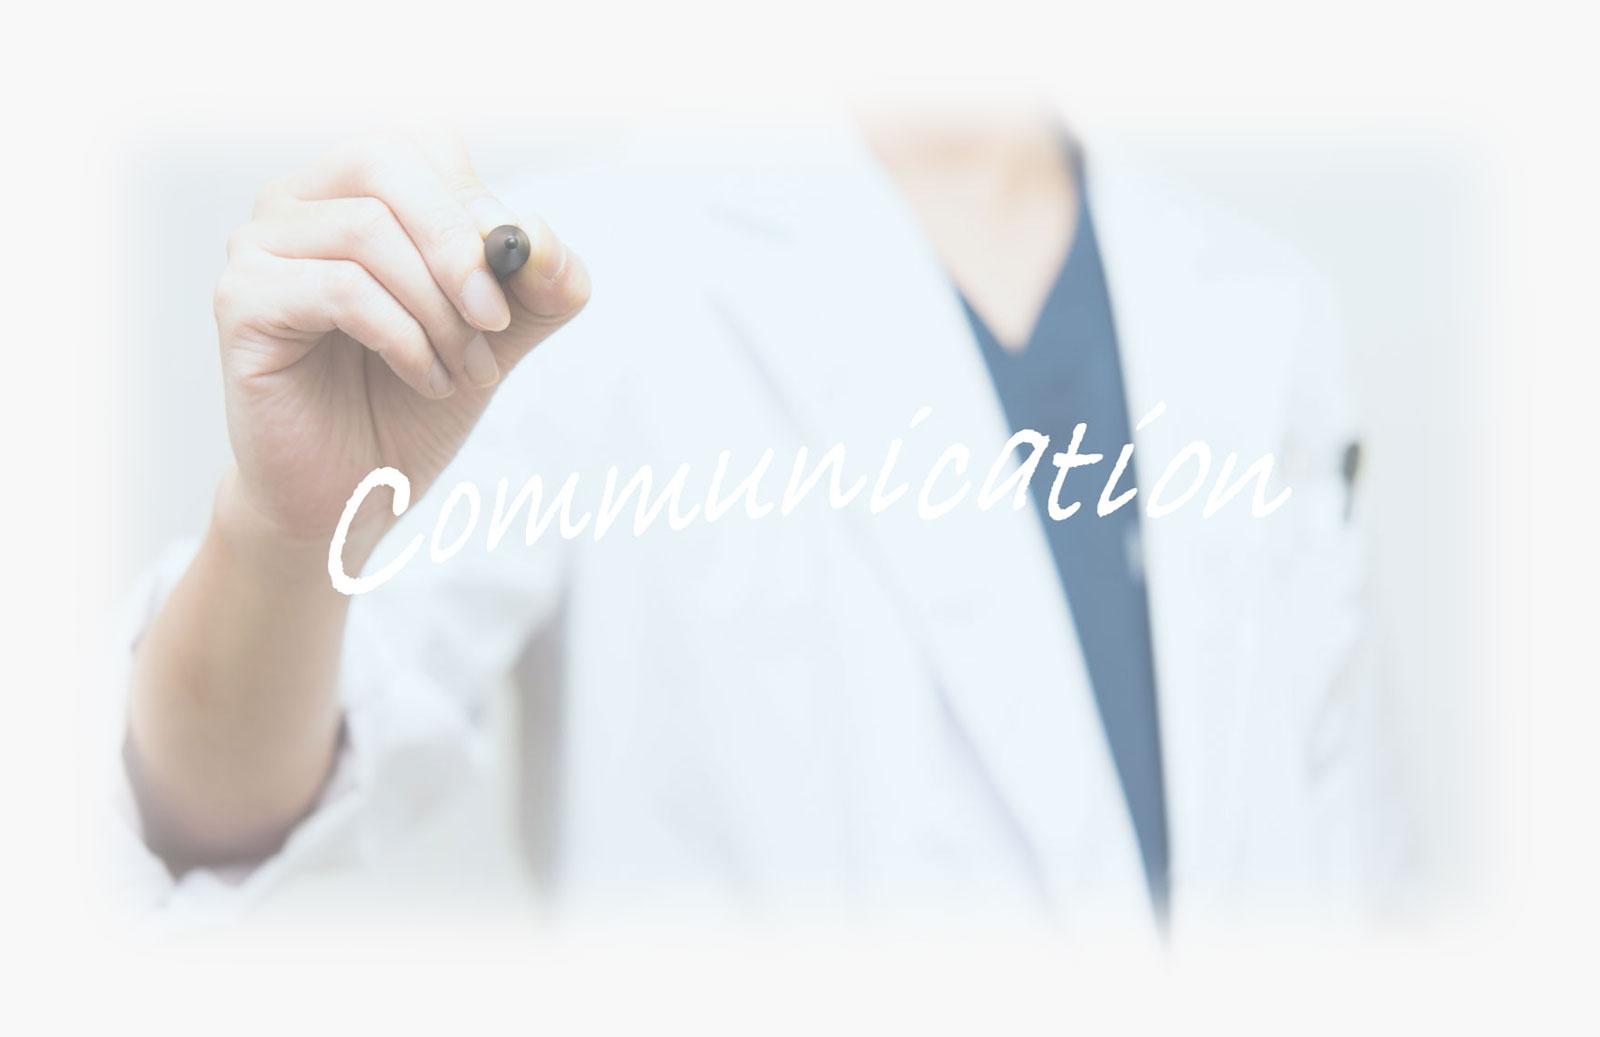 コミュニケーションに魔法ではなくデザインを